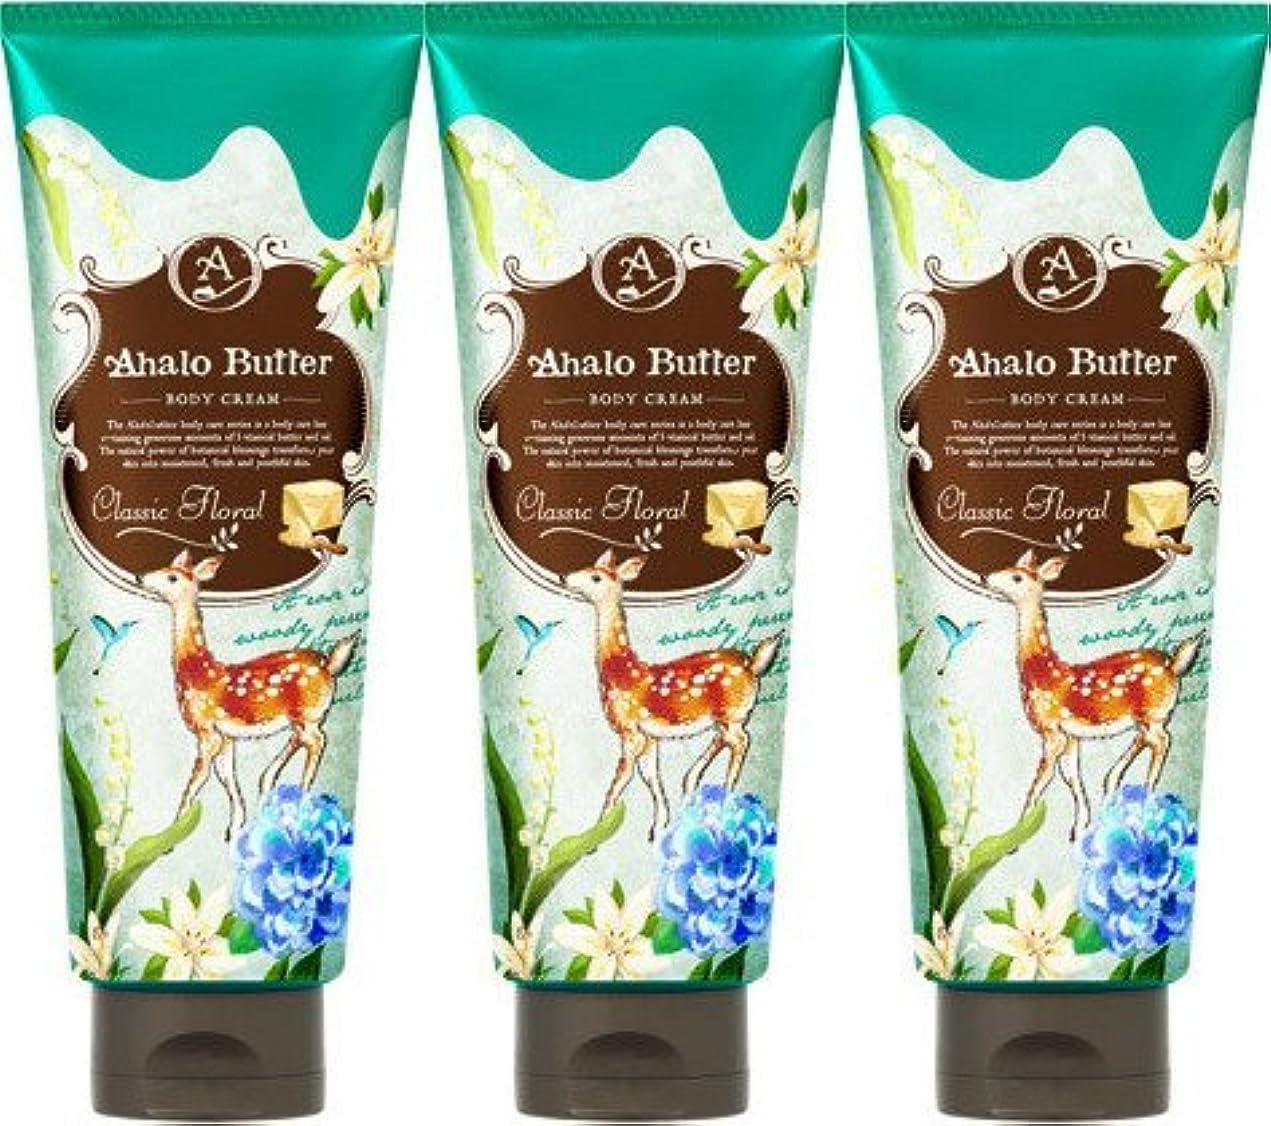 コンピューター誰でも好み【3個セット】Ahalo butter(アハロバター) ボディクリーム クラシックフローラル 150g